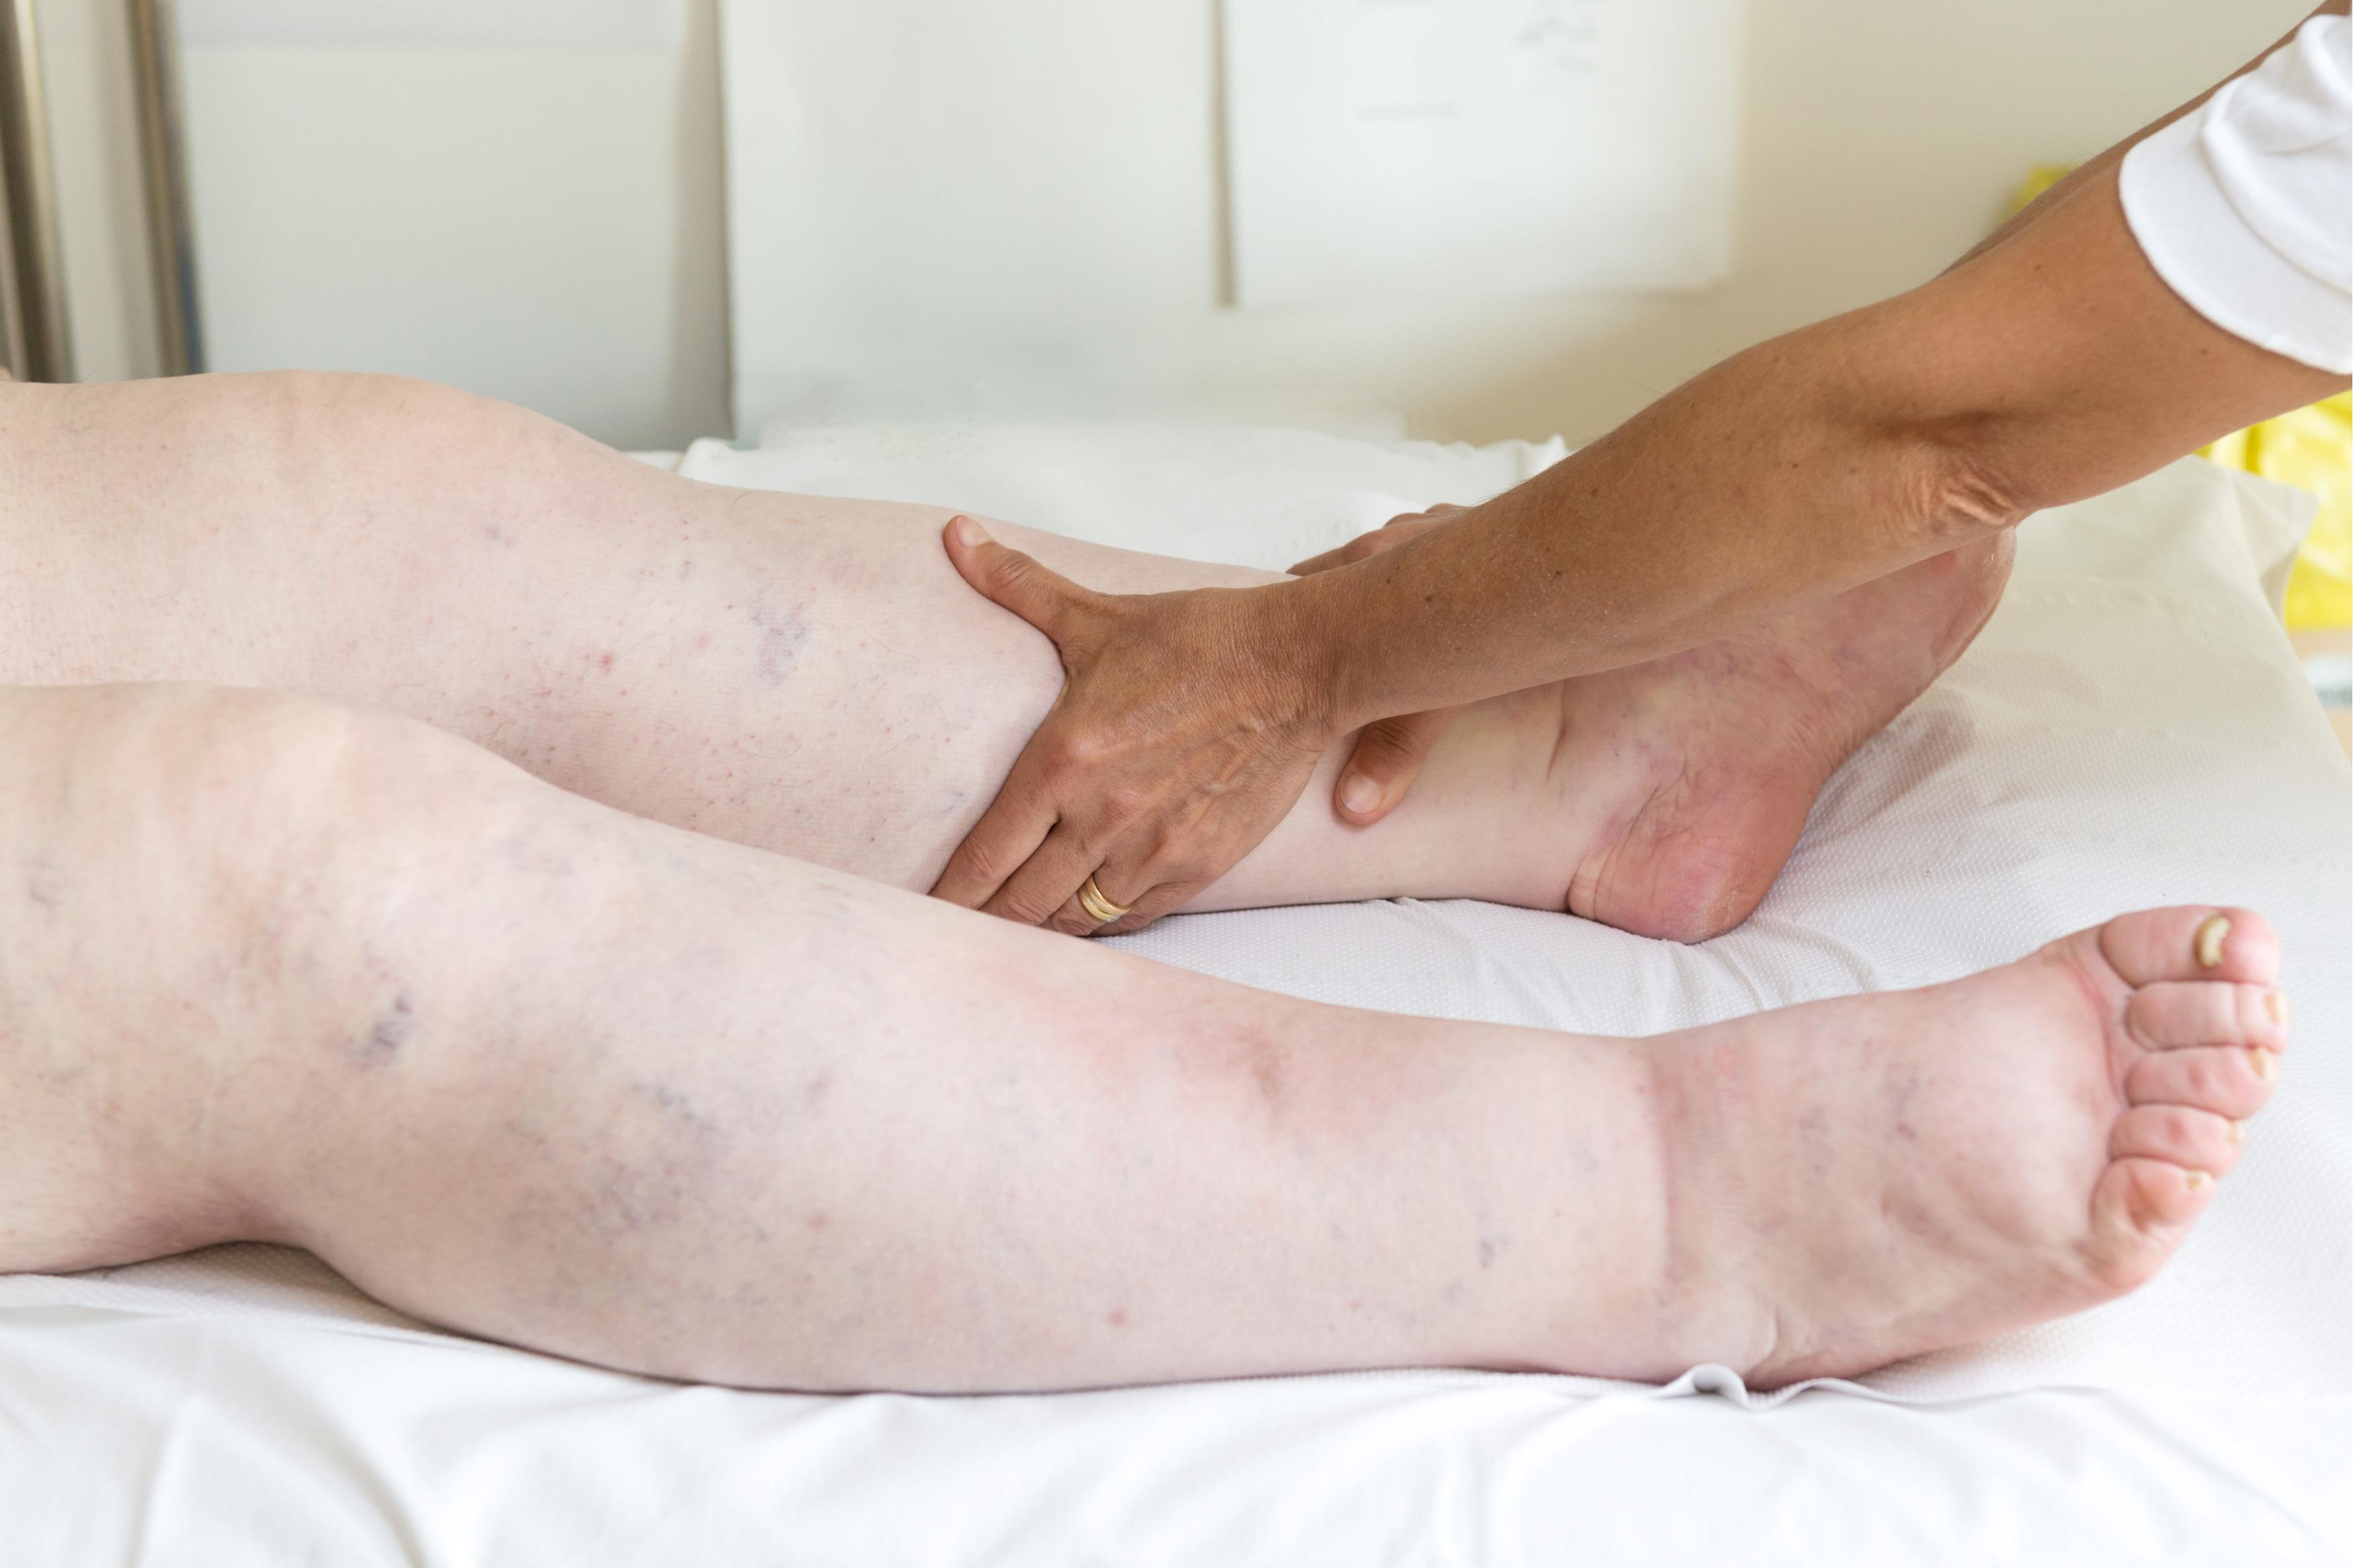 de ce rănesc picioarele și gleznele tratați articulațiile cu urina